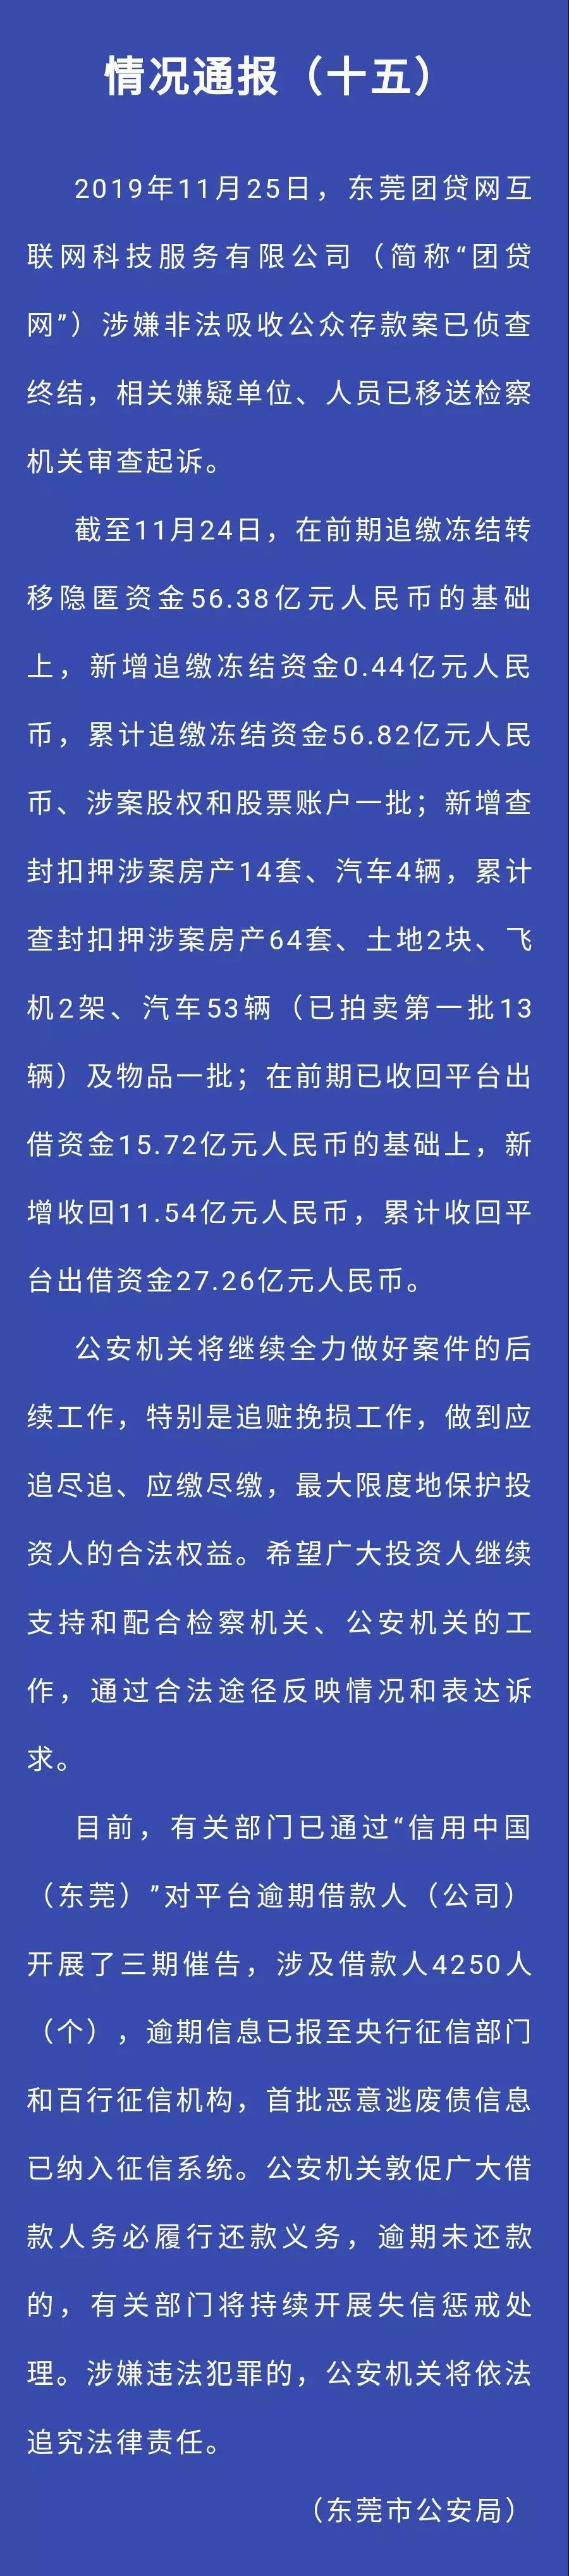 银座娱乐平台注册,今年重庆减税降费将从四方面发力:更大规模减税降费